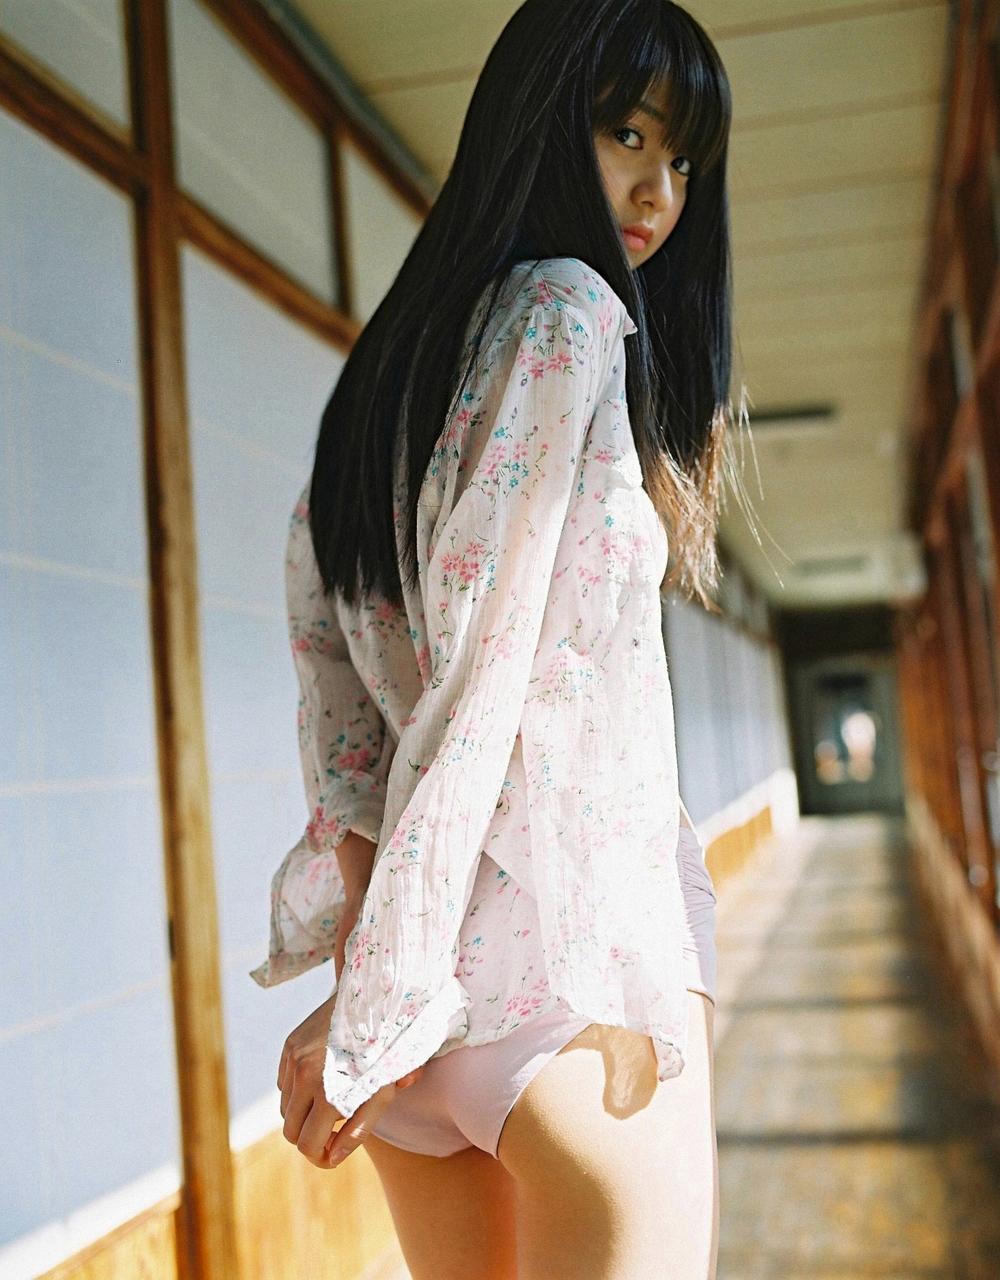 aizawa_rina_ex05.